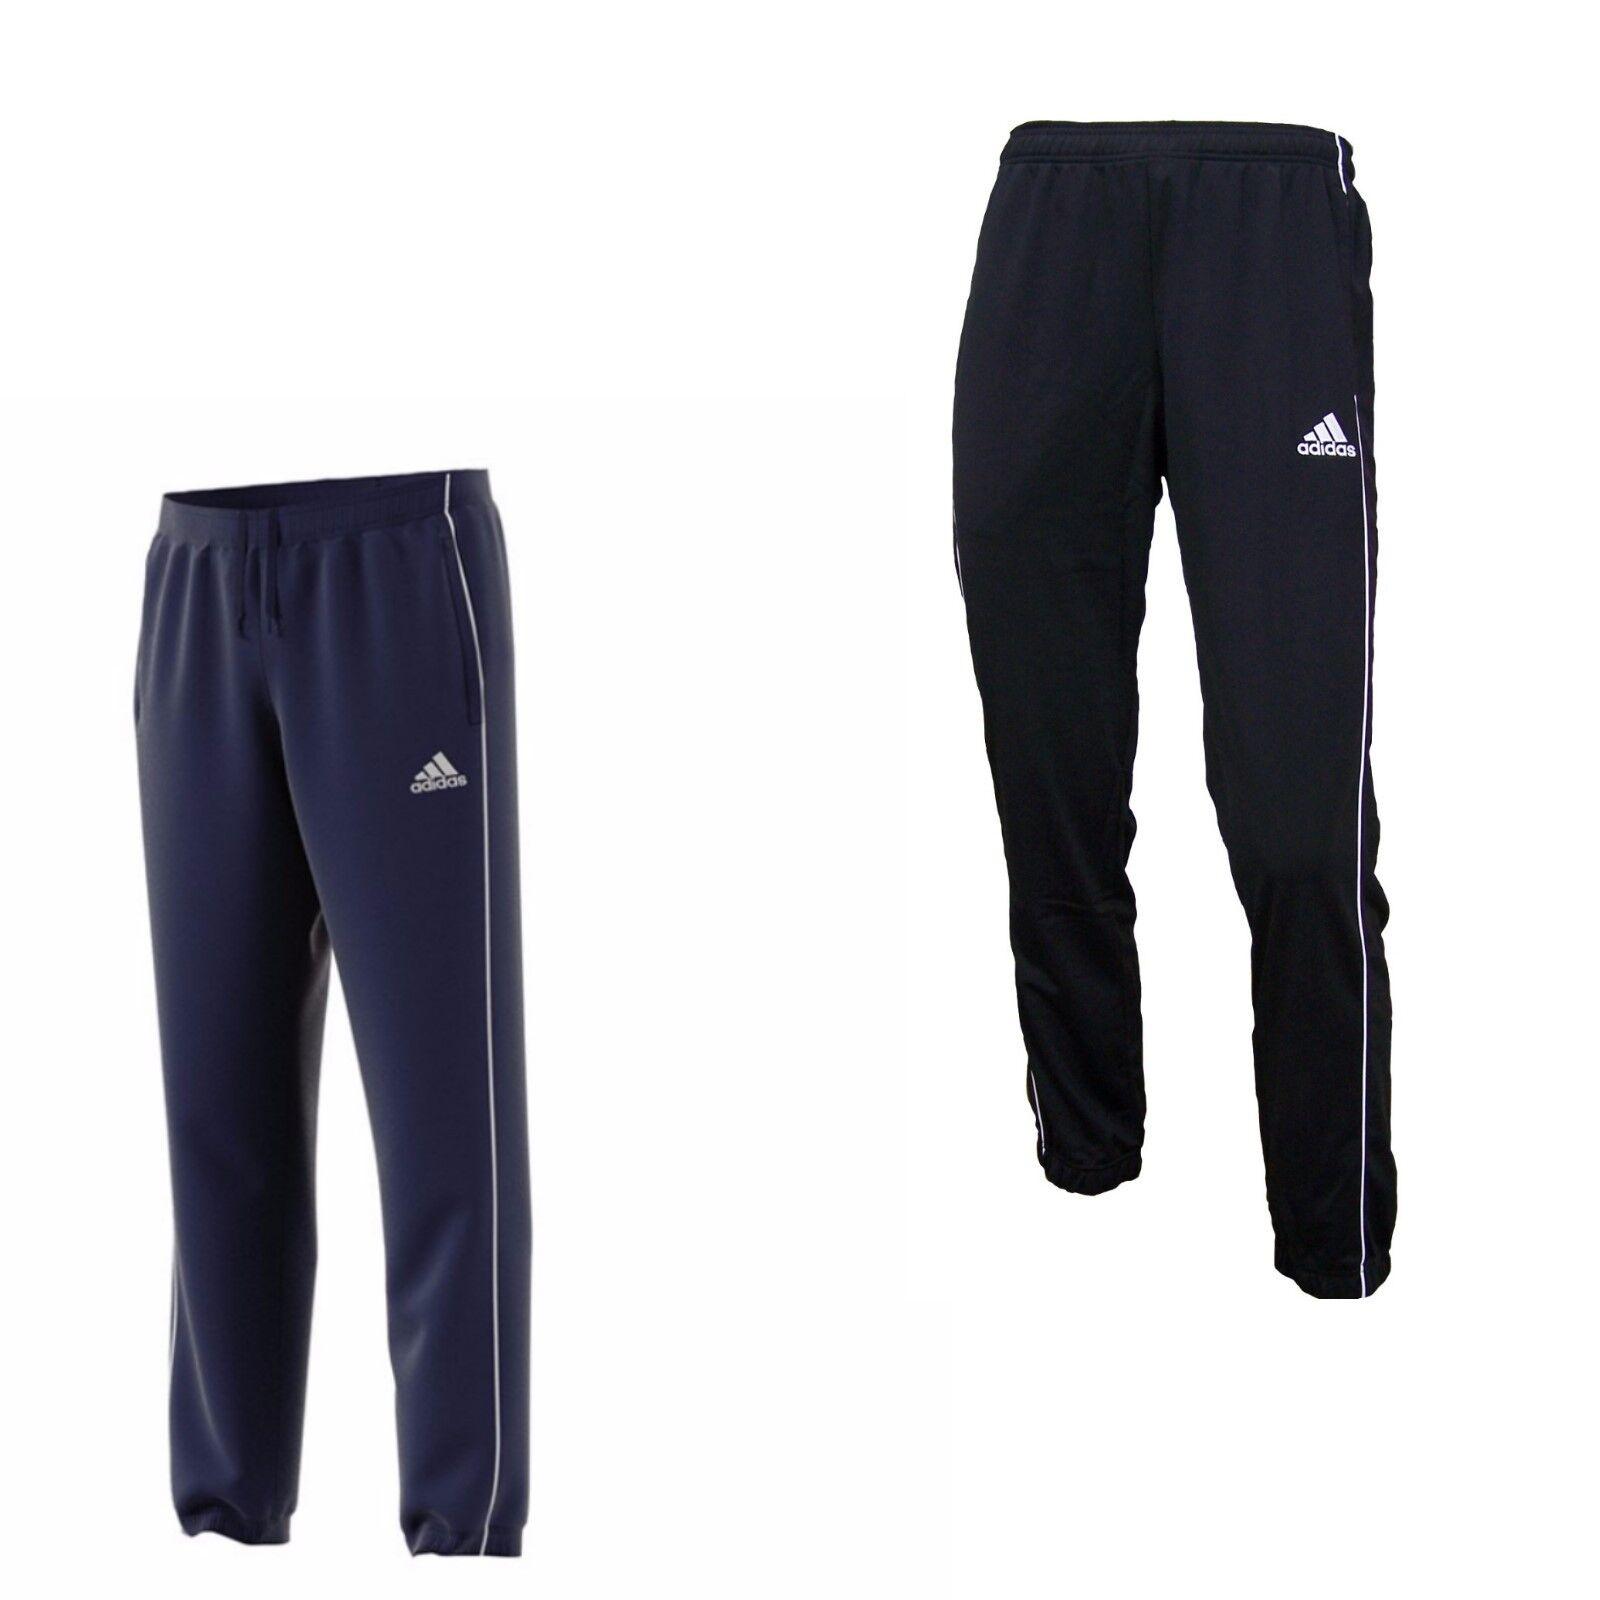 17d4f3a4b18 Hose Pant Jogging Trainingshose Adidas Beckenbauer Firebird Herren TxnqOw4Yg